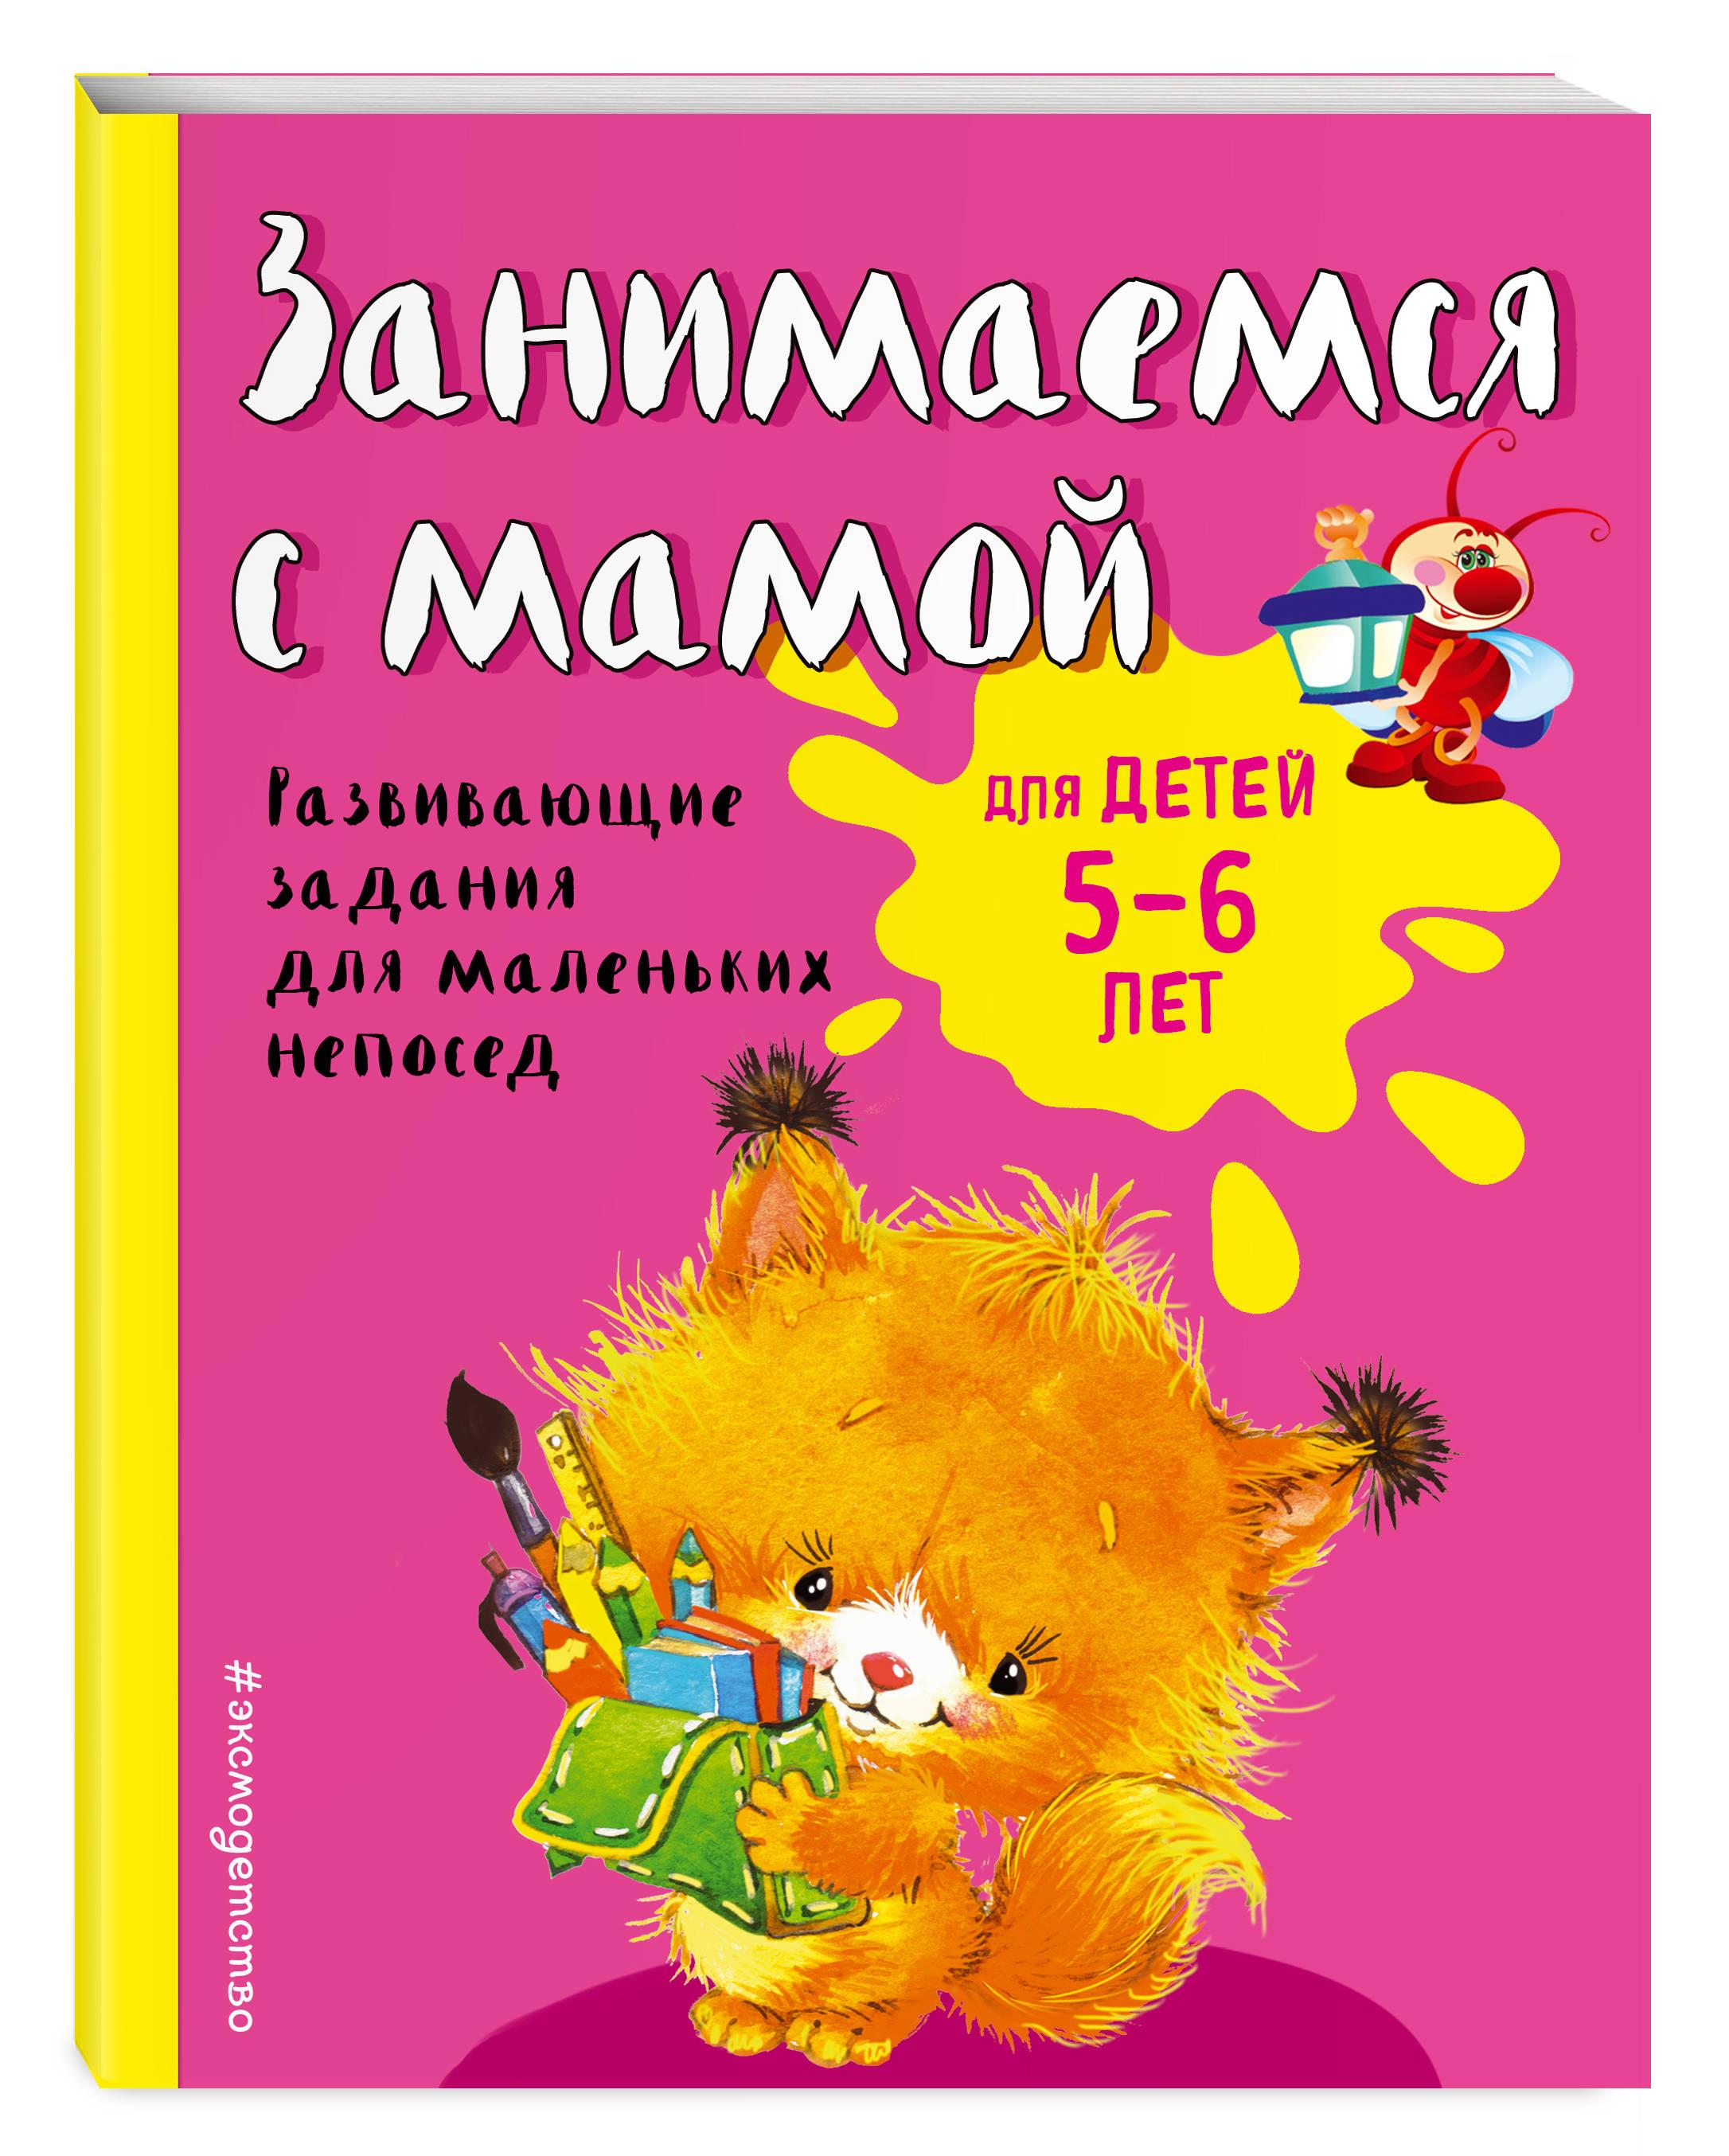 Смирнова Е.В. Занимаемся с мамой: для детей 5-6 лет вычитание для детей 5 6 лет